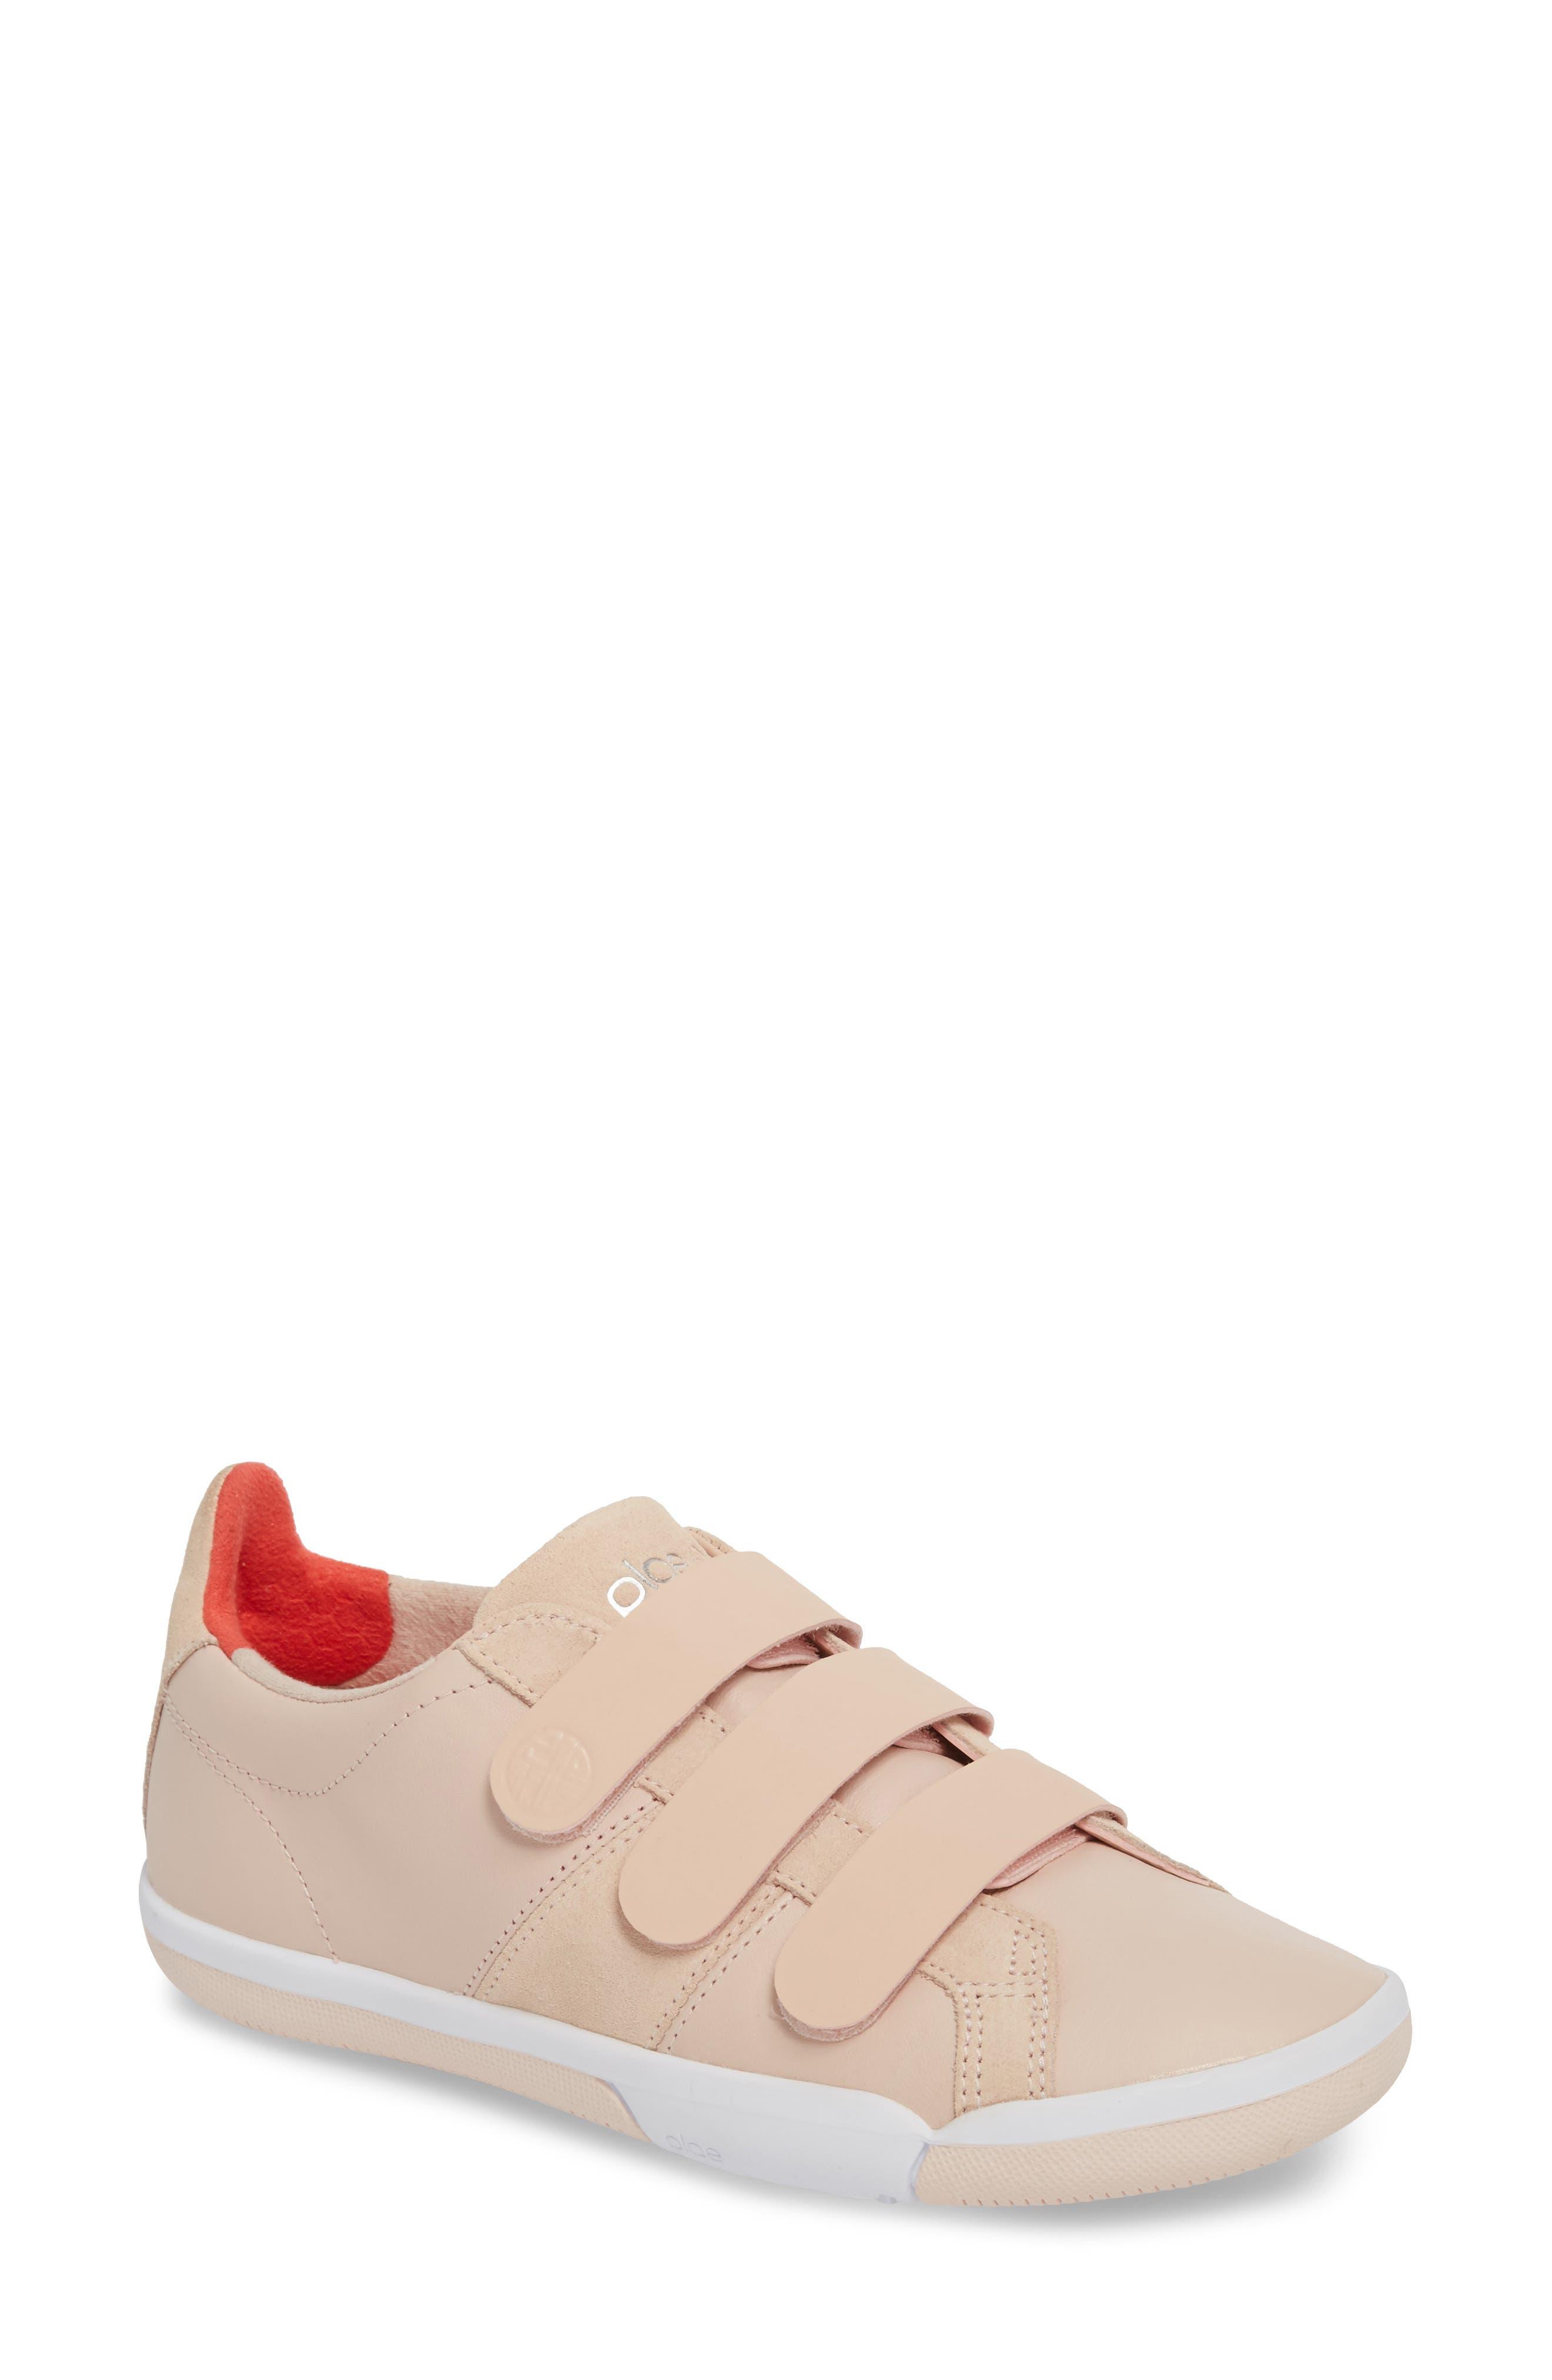 Larkin Sneaker,                         Main,                         color, Cameo Rose Leather